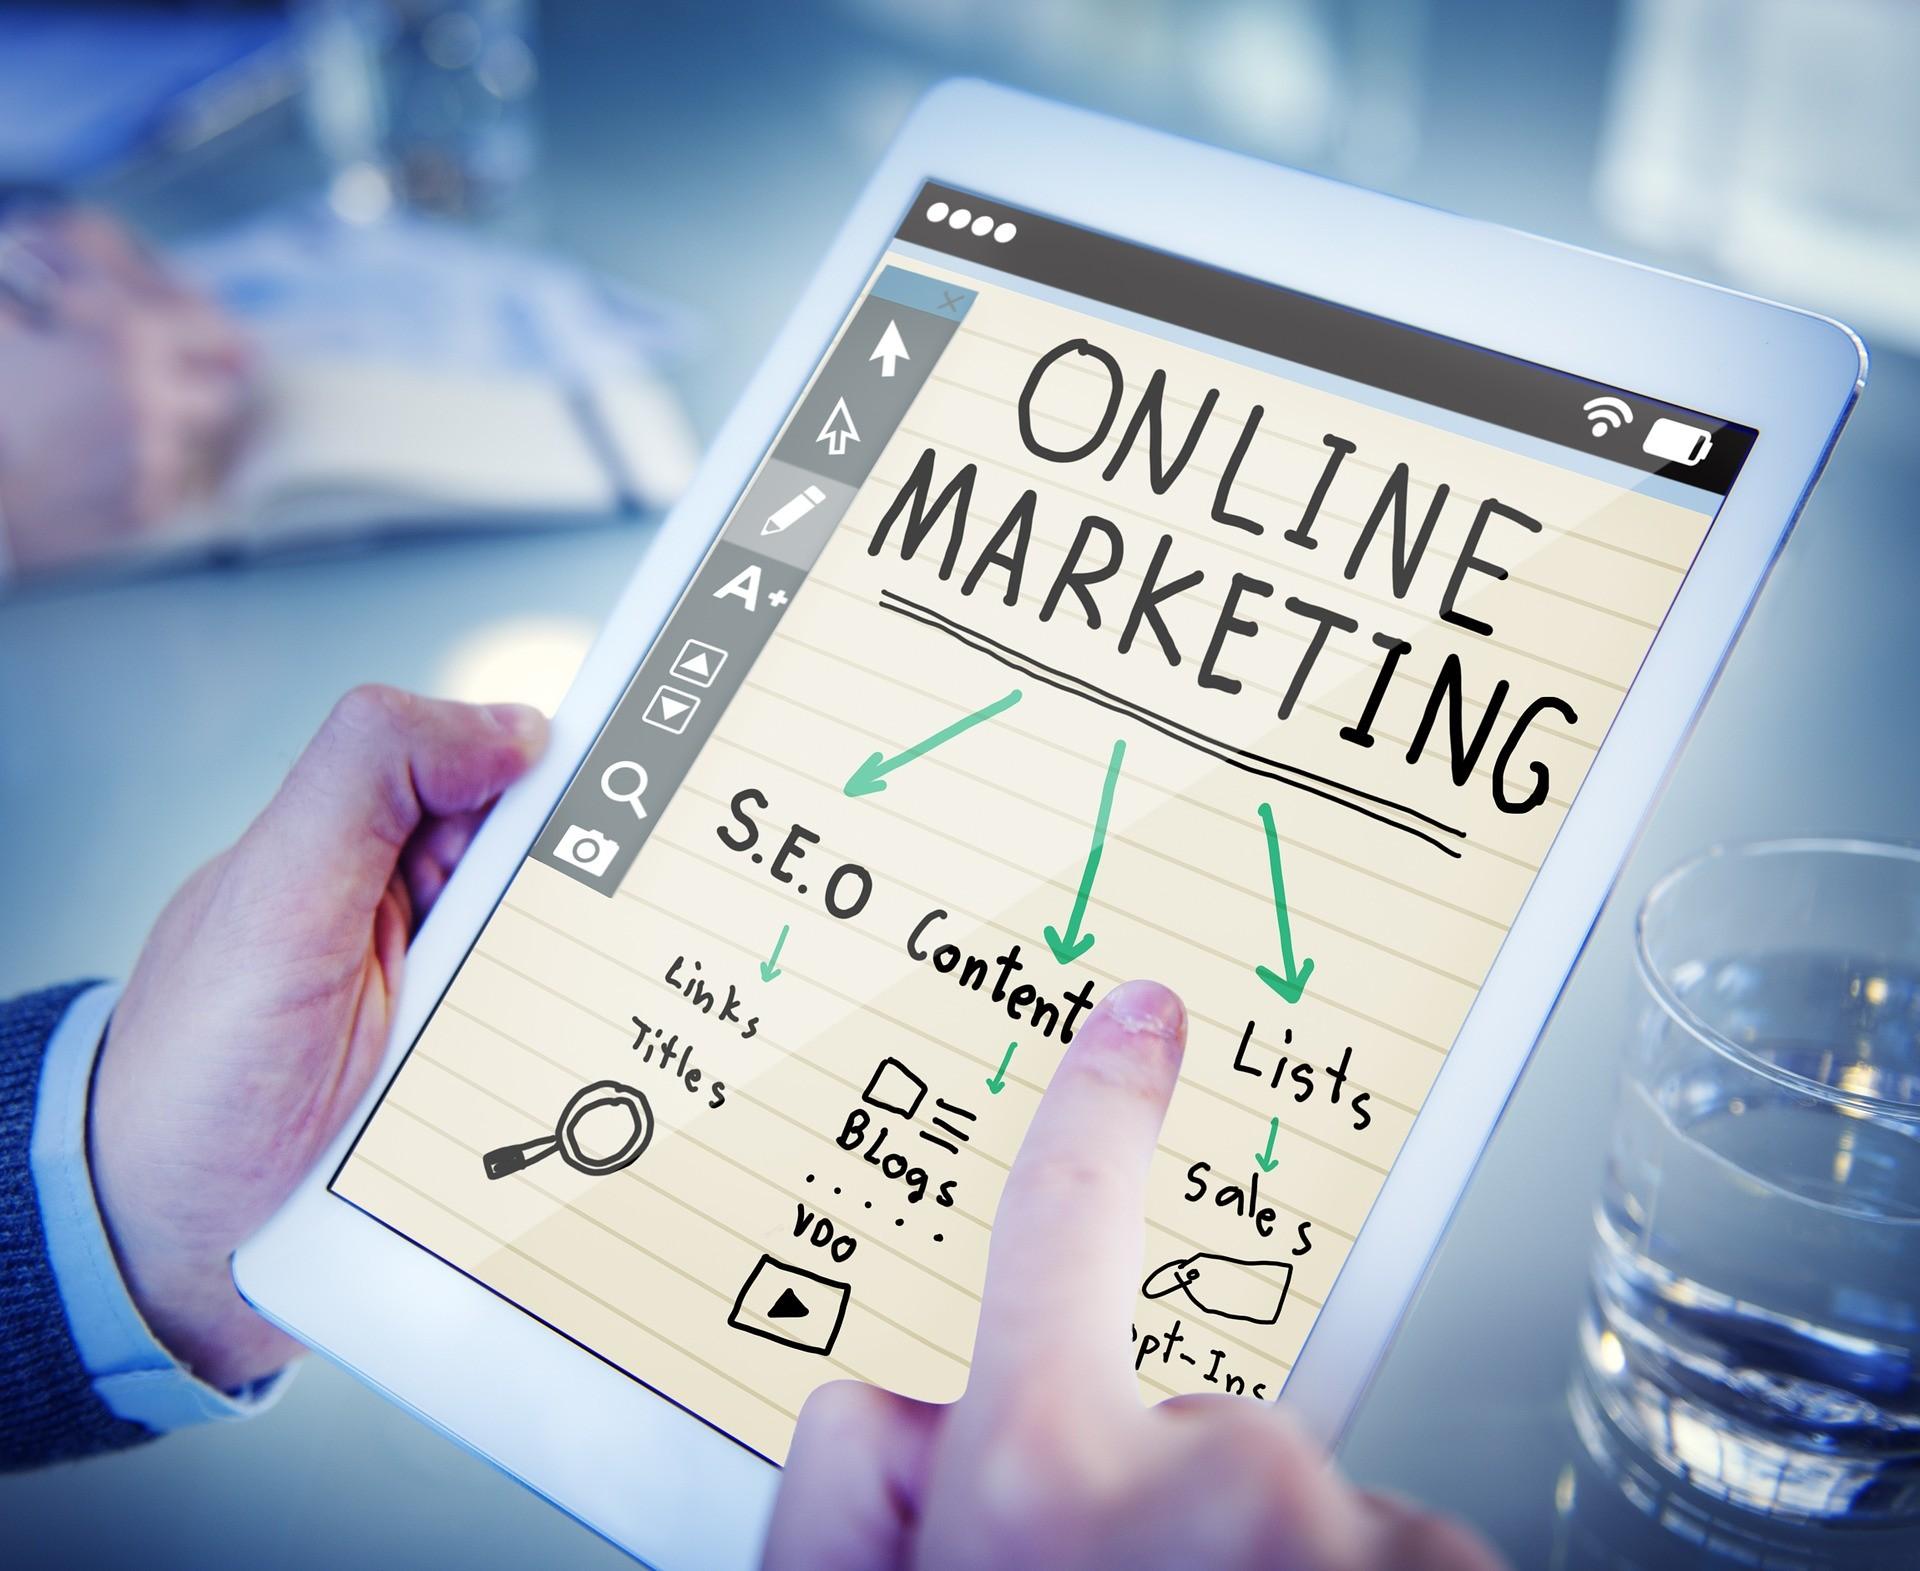 Clique aqui, acesse nosso artigo e descubra vários benefícios do marketing digital. Provando o quanto é bom investir nisso em seu negócio!